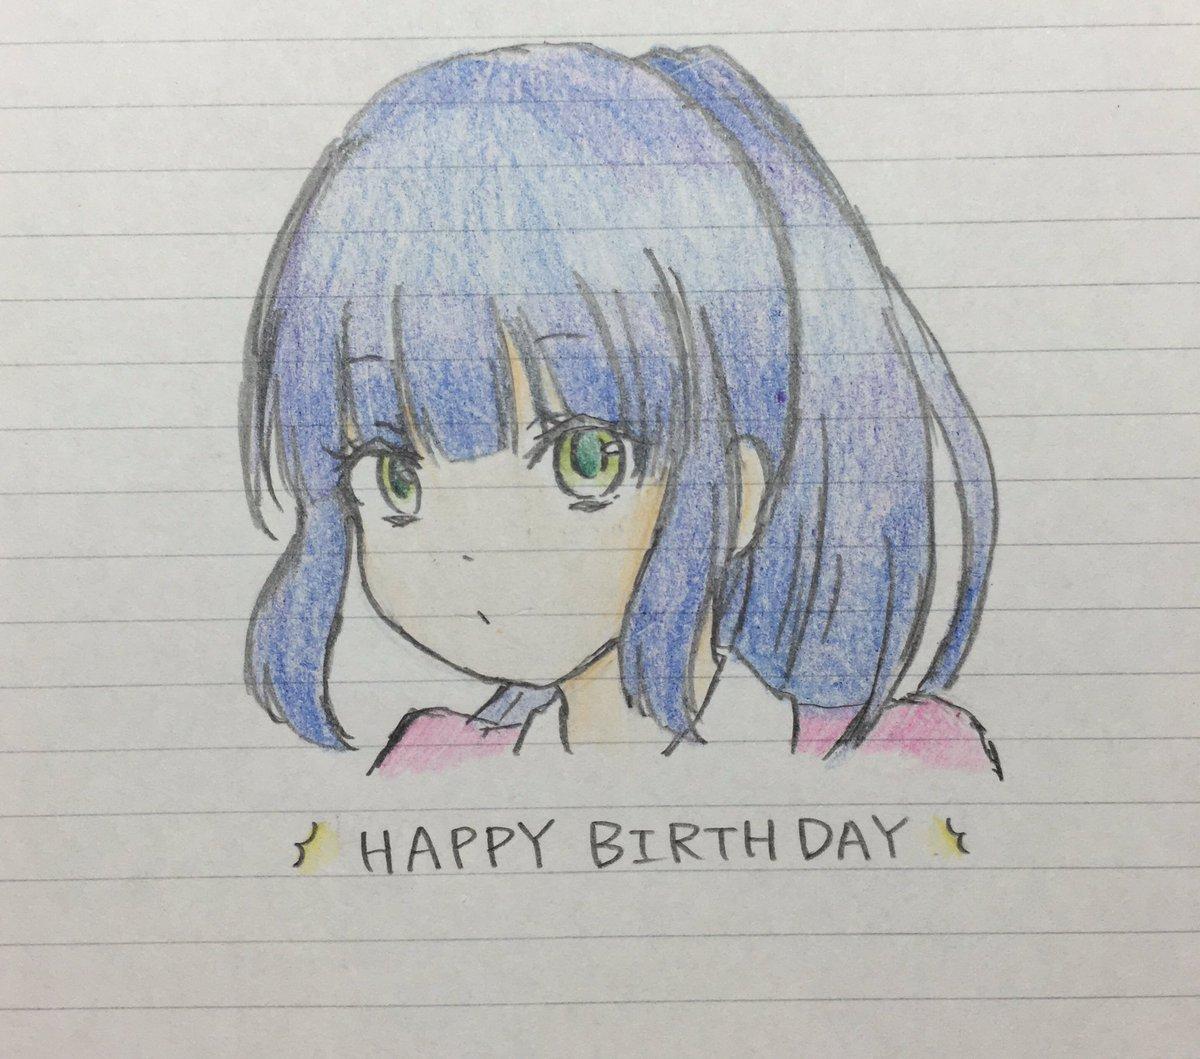 遅くなりましたが今日は市の誕生日ってことで( ˙˘˙ )♡*勉強の合間に描いたんで線ついちゃってますが気にしないでね…も